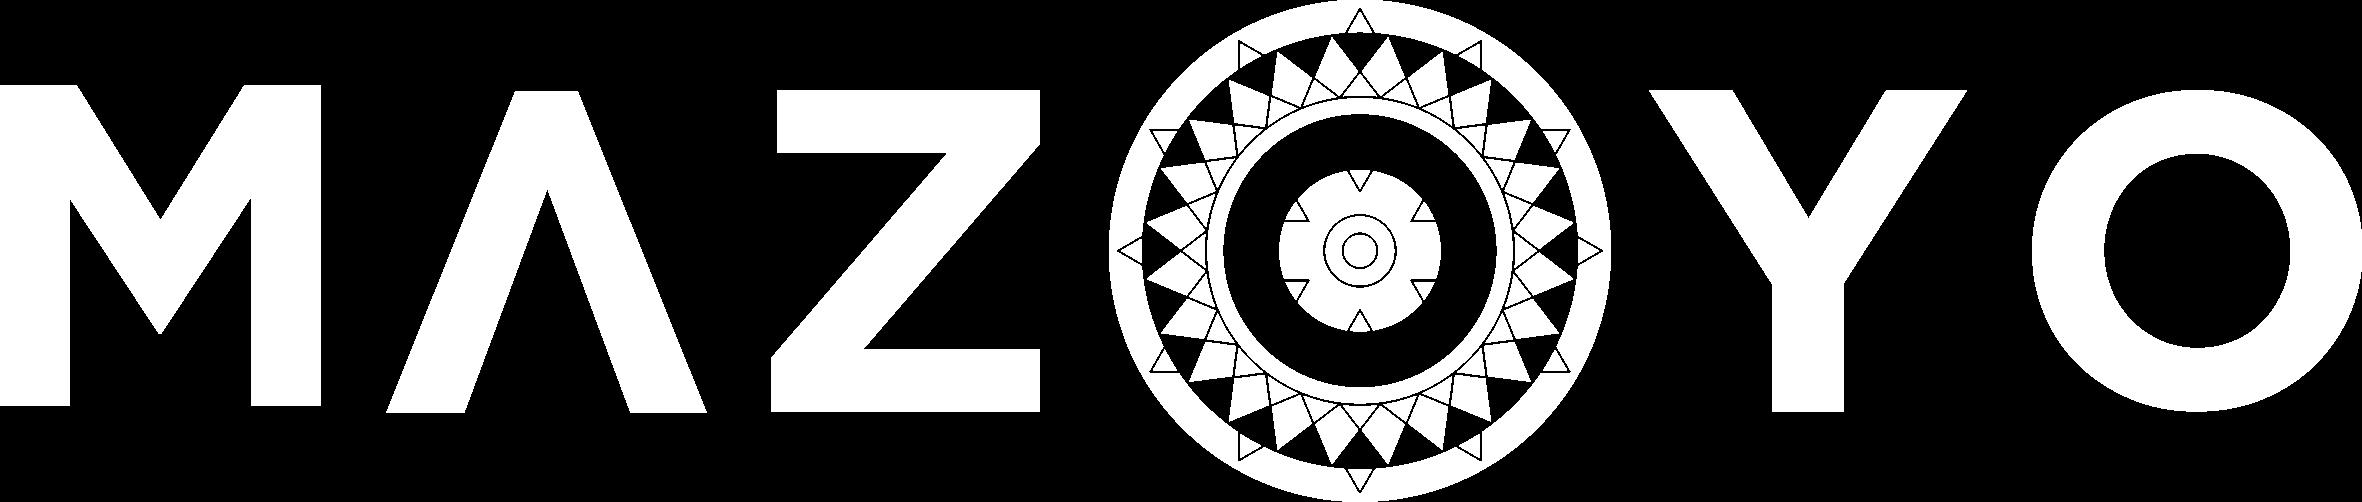 Mazoyo